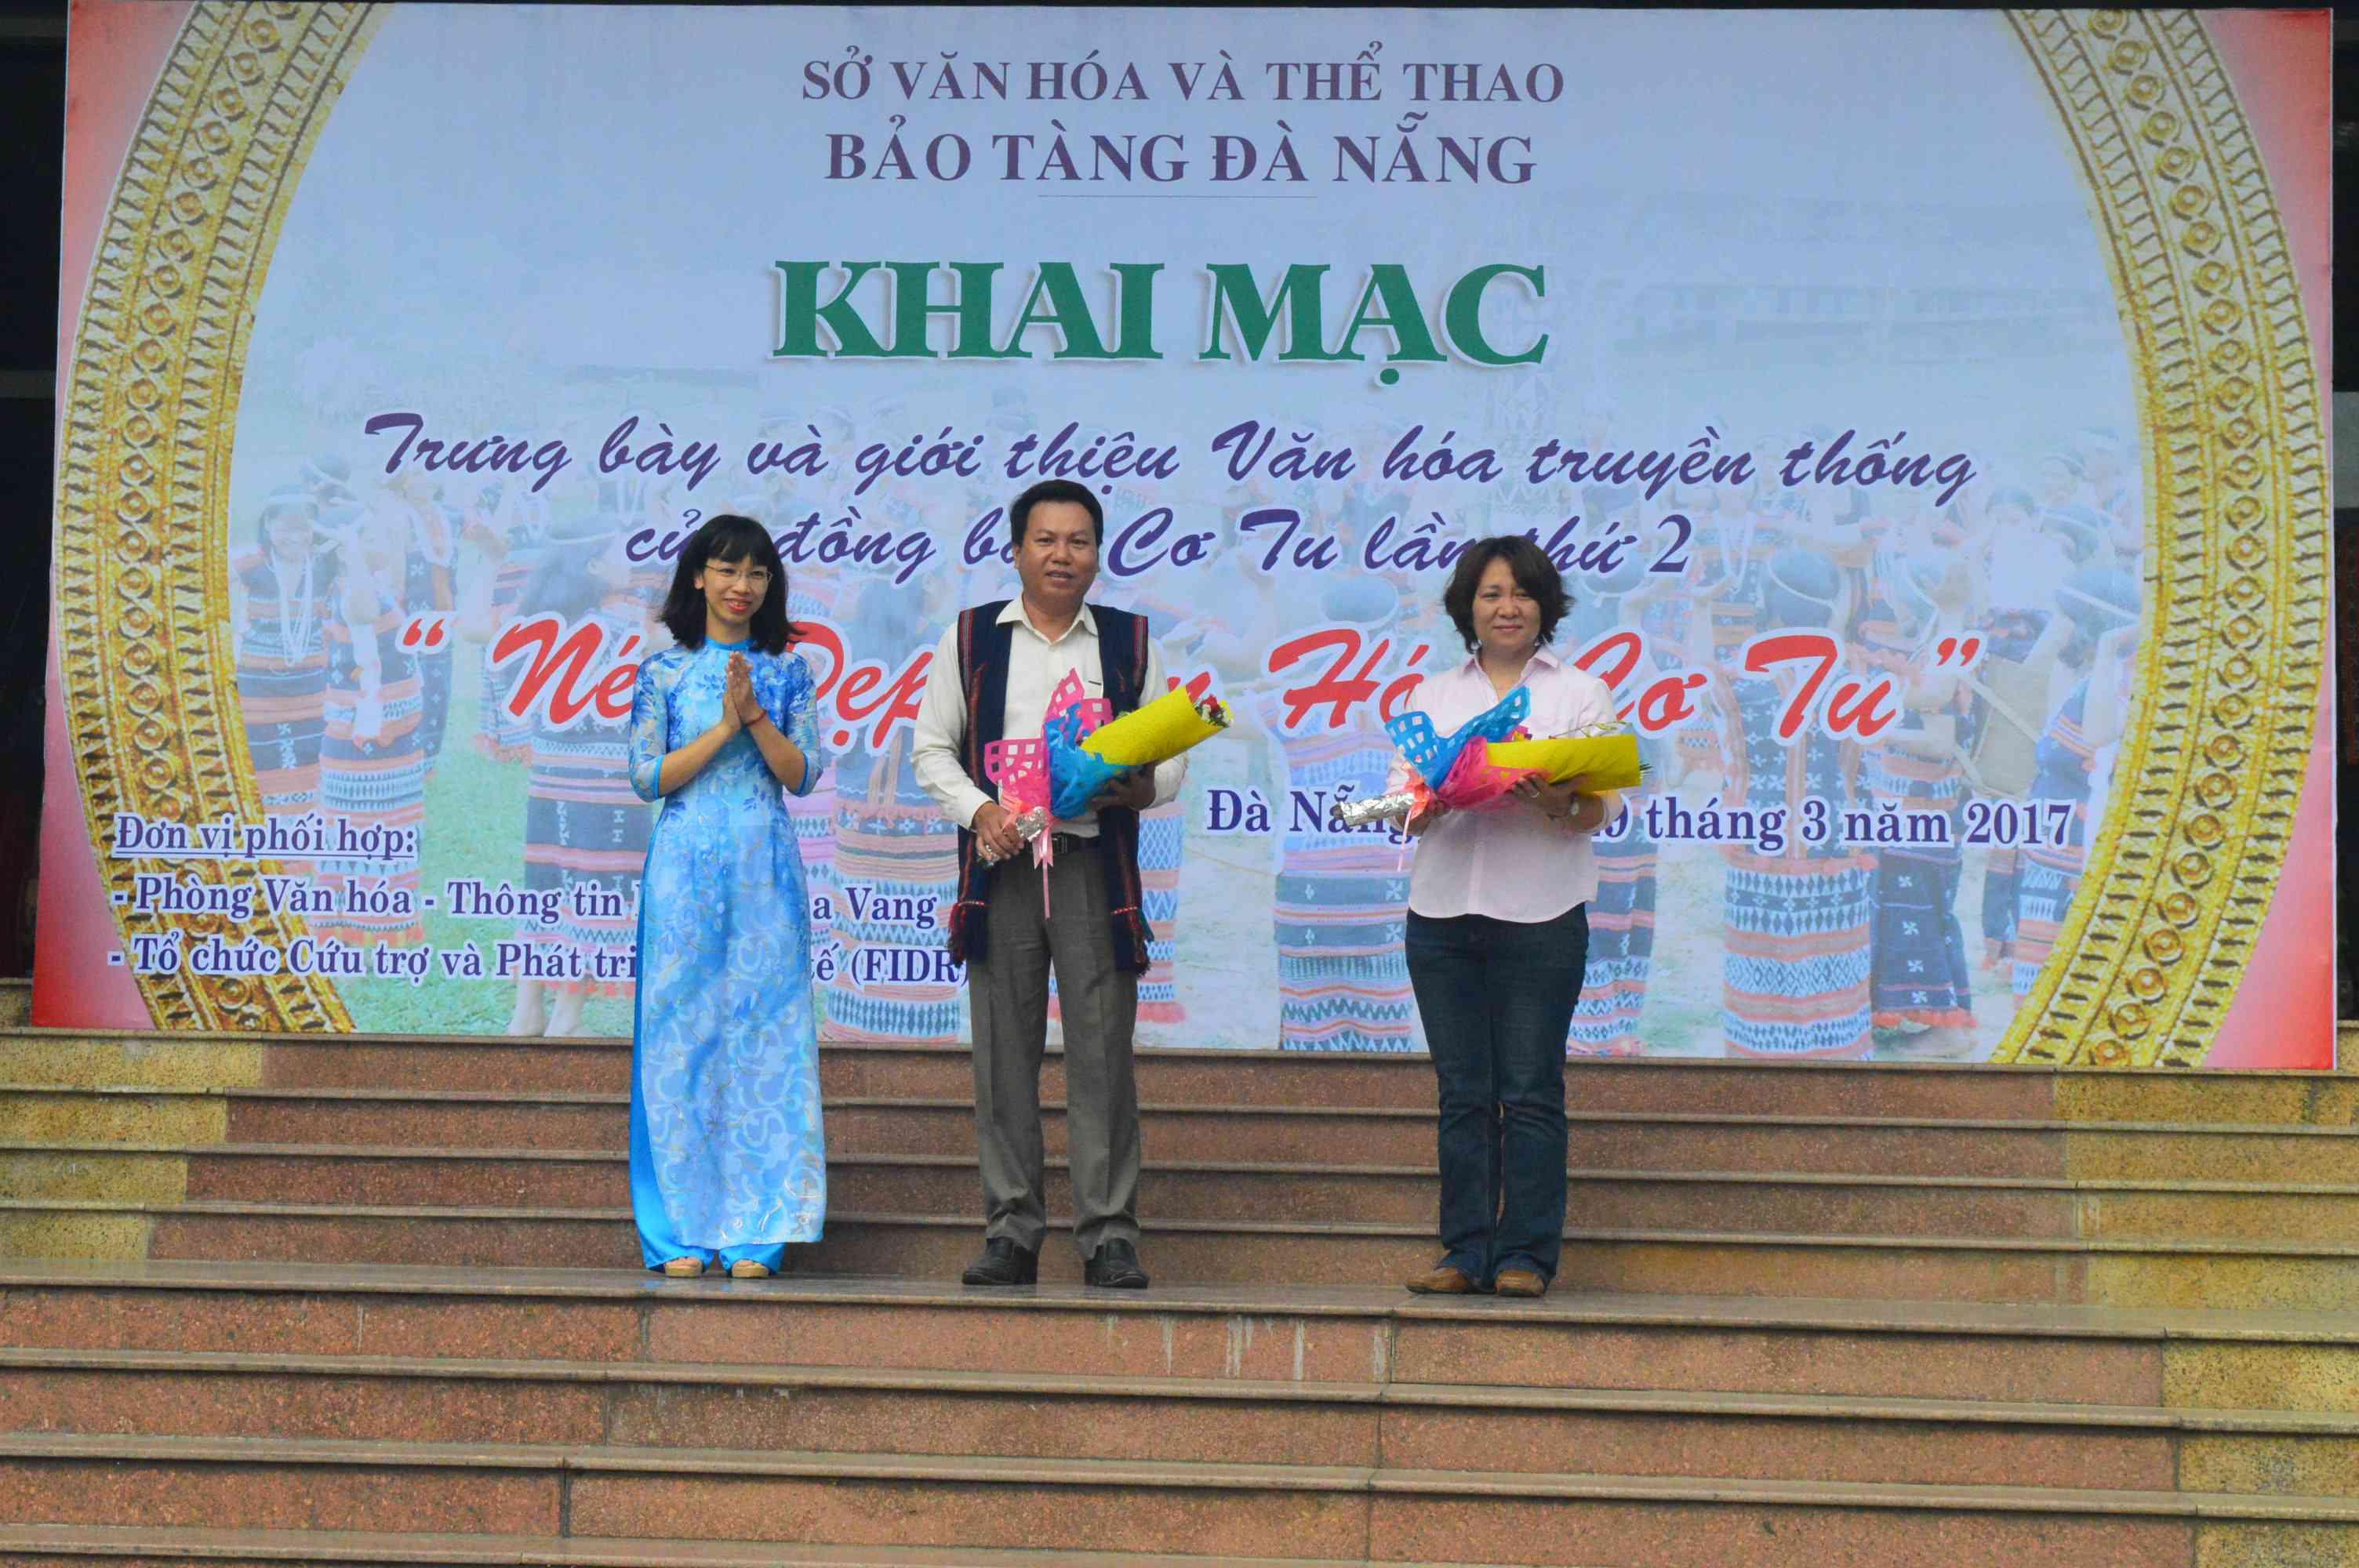 Đại diện Bảo tàng Đà Nẵng tặng hoa cho các đơn vị phối hợp tổ chức chương trình. Ảnh: Q.T